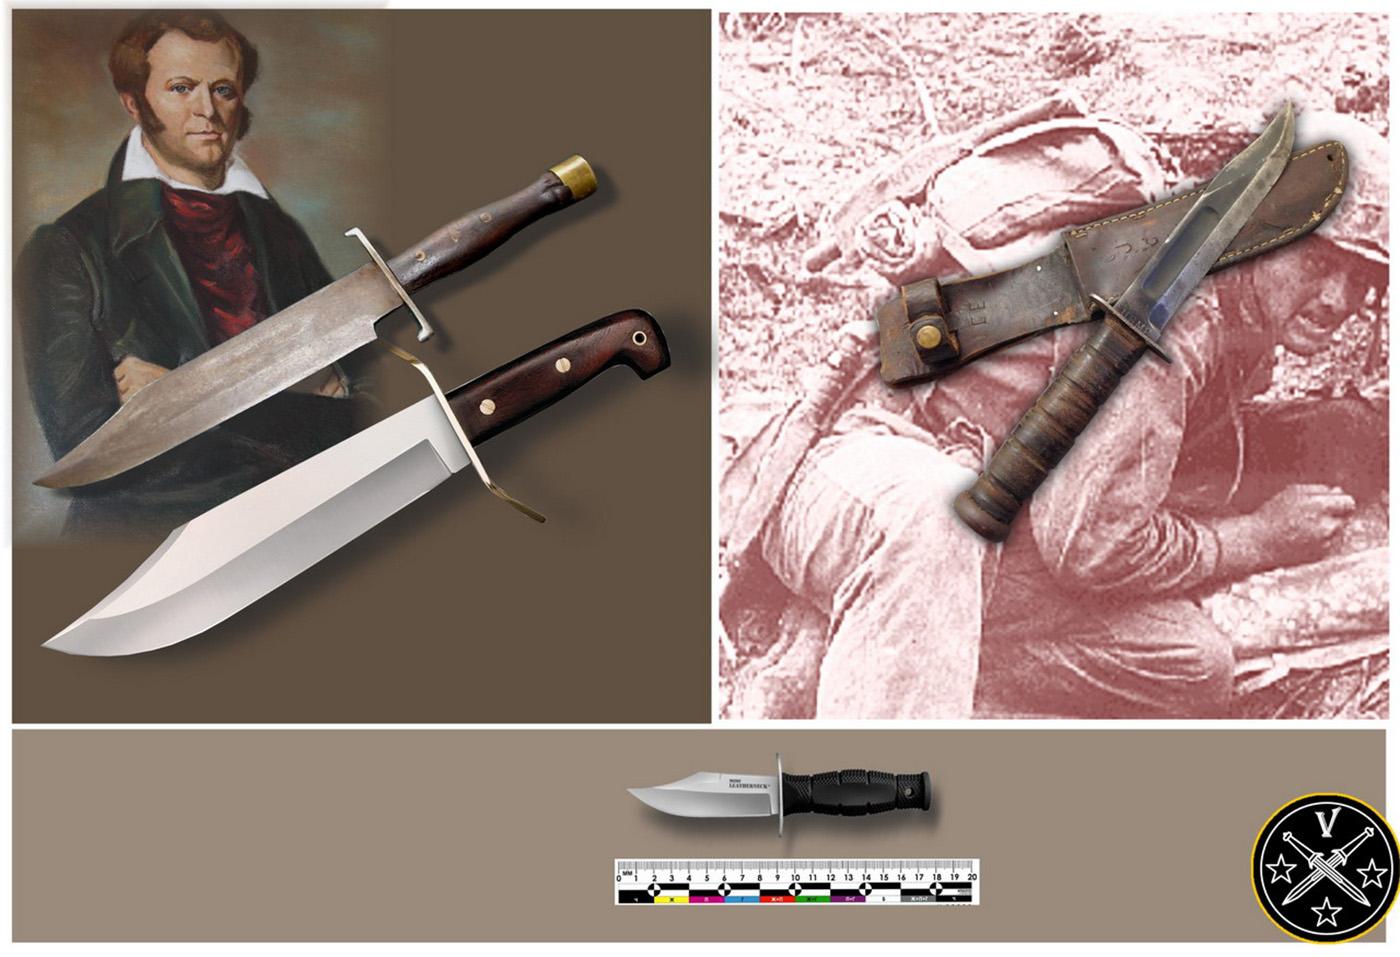 Слева - винтажный нож Боуи, его современная реплика «Cold Steel Wild West Bowie». Справа – американская легенда нож морпехов Второй мировой «US MS Mk2»